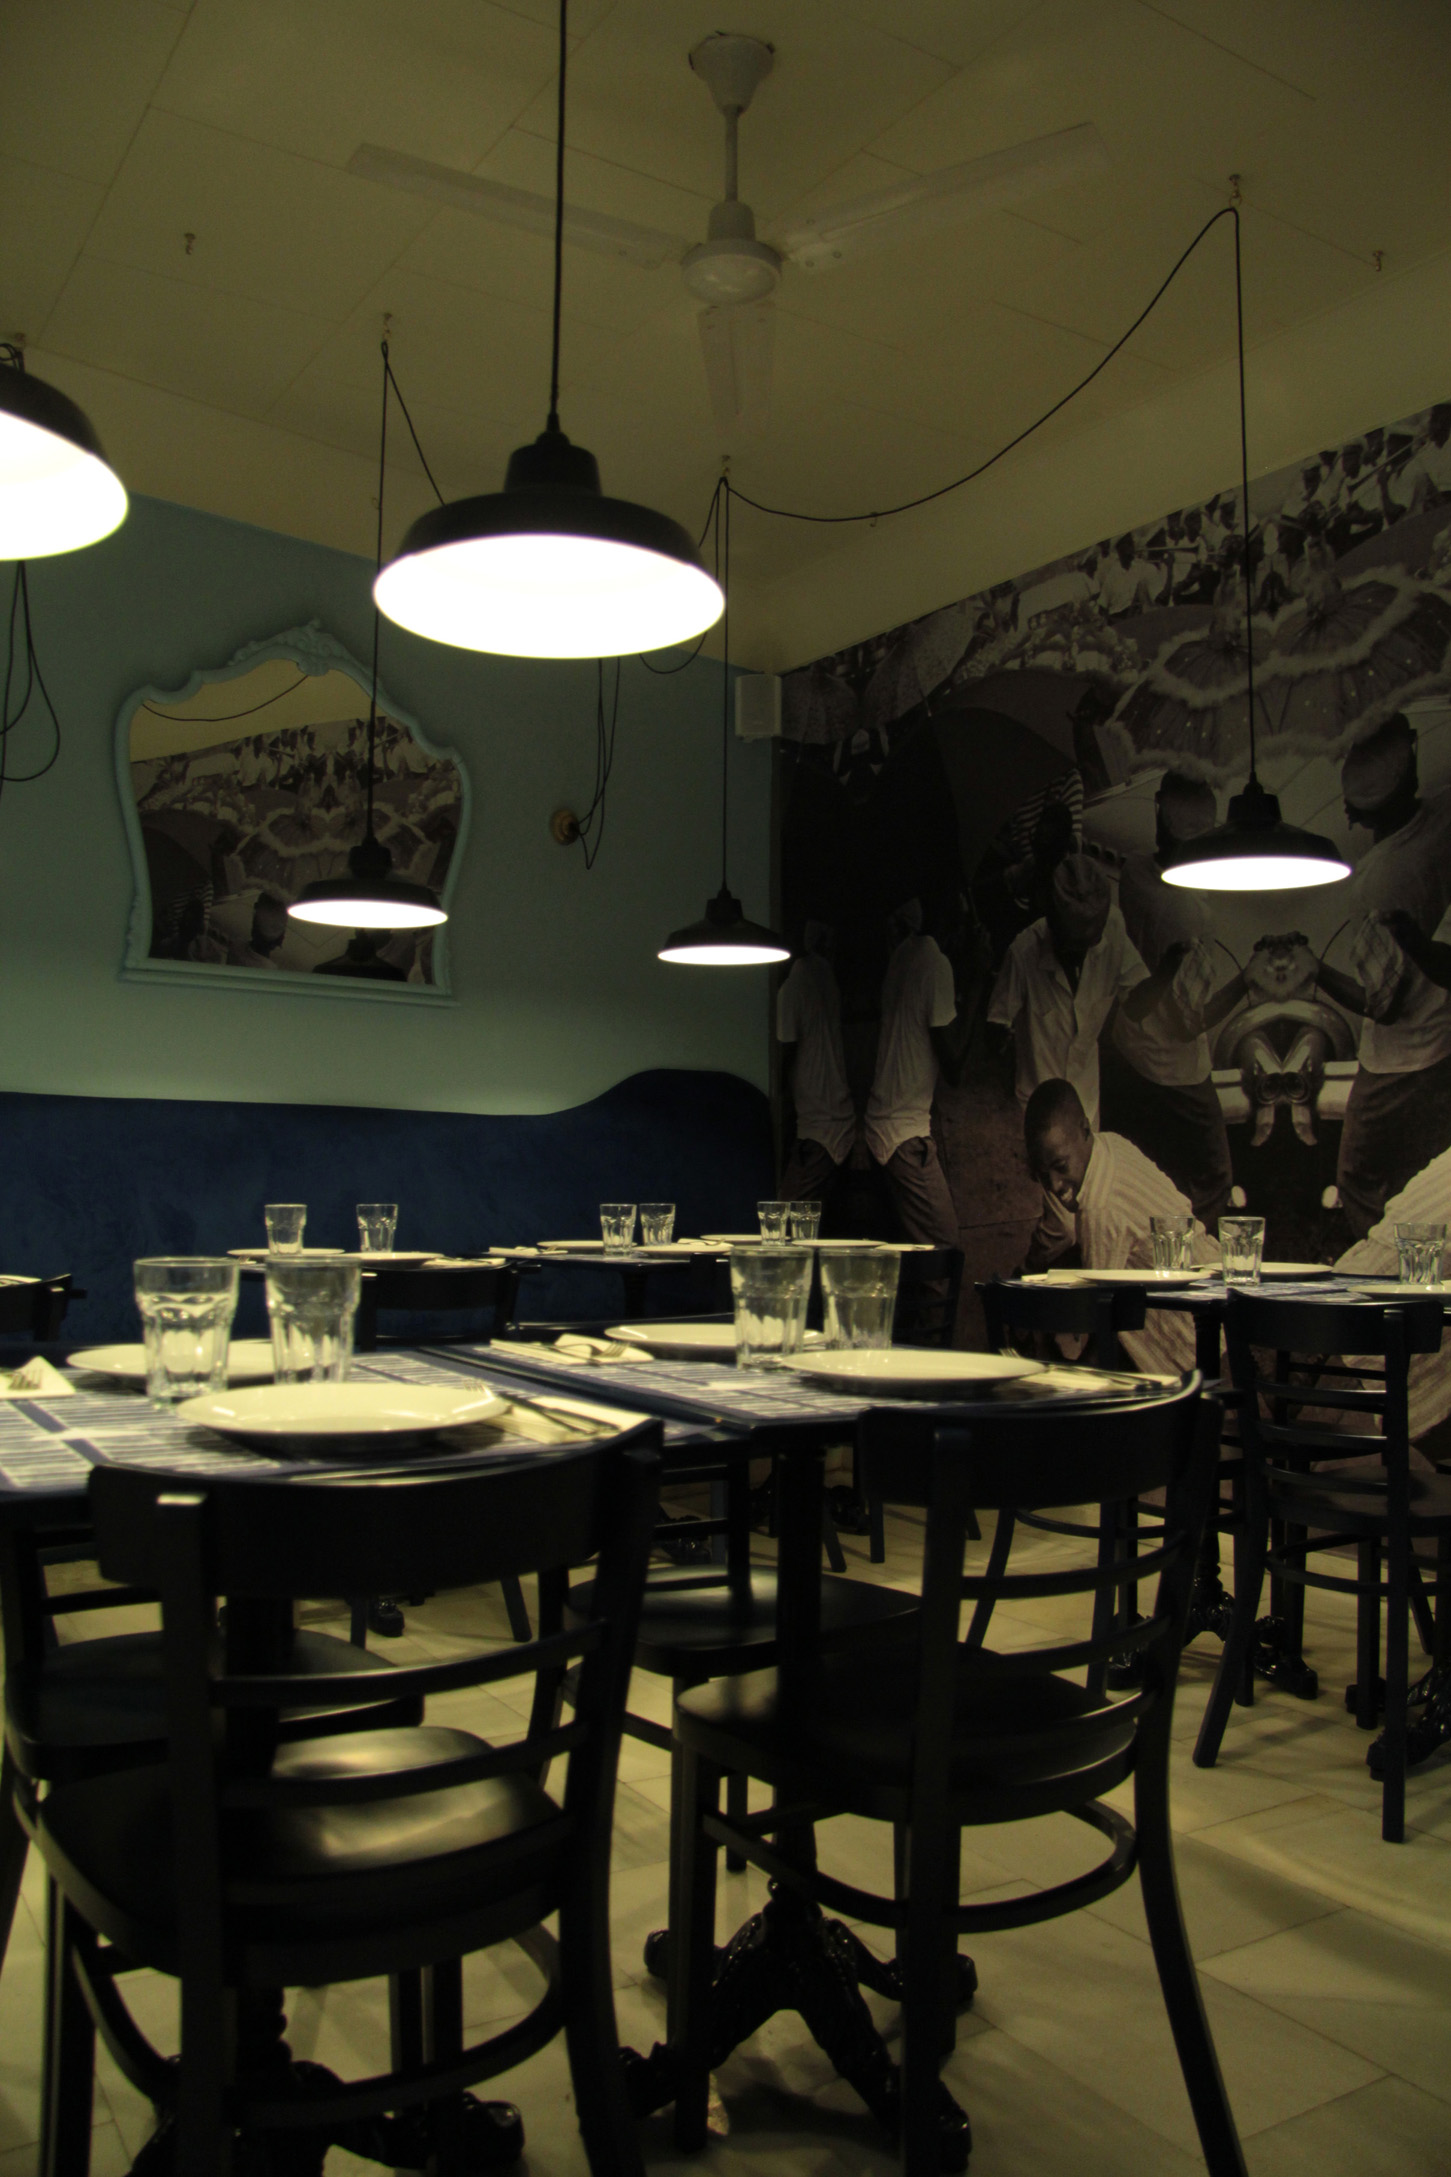 restaurante-gumbo-new-orleans-cajun-galeria-7